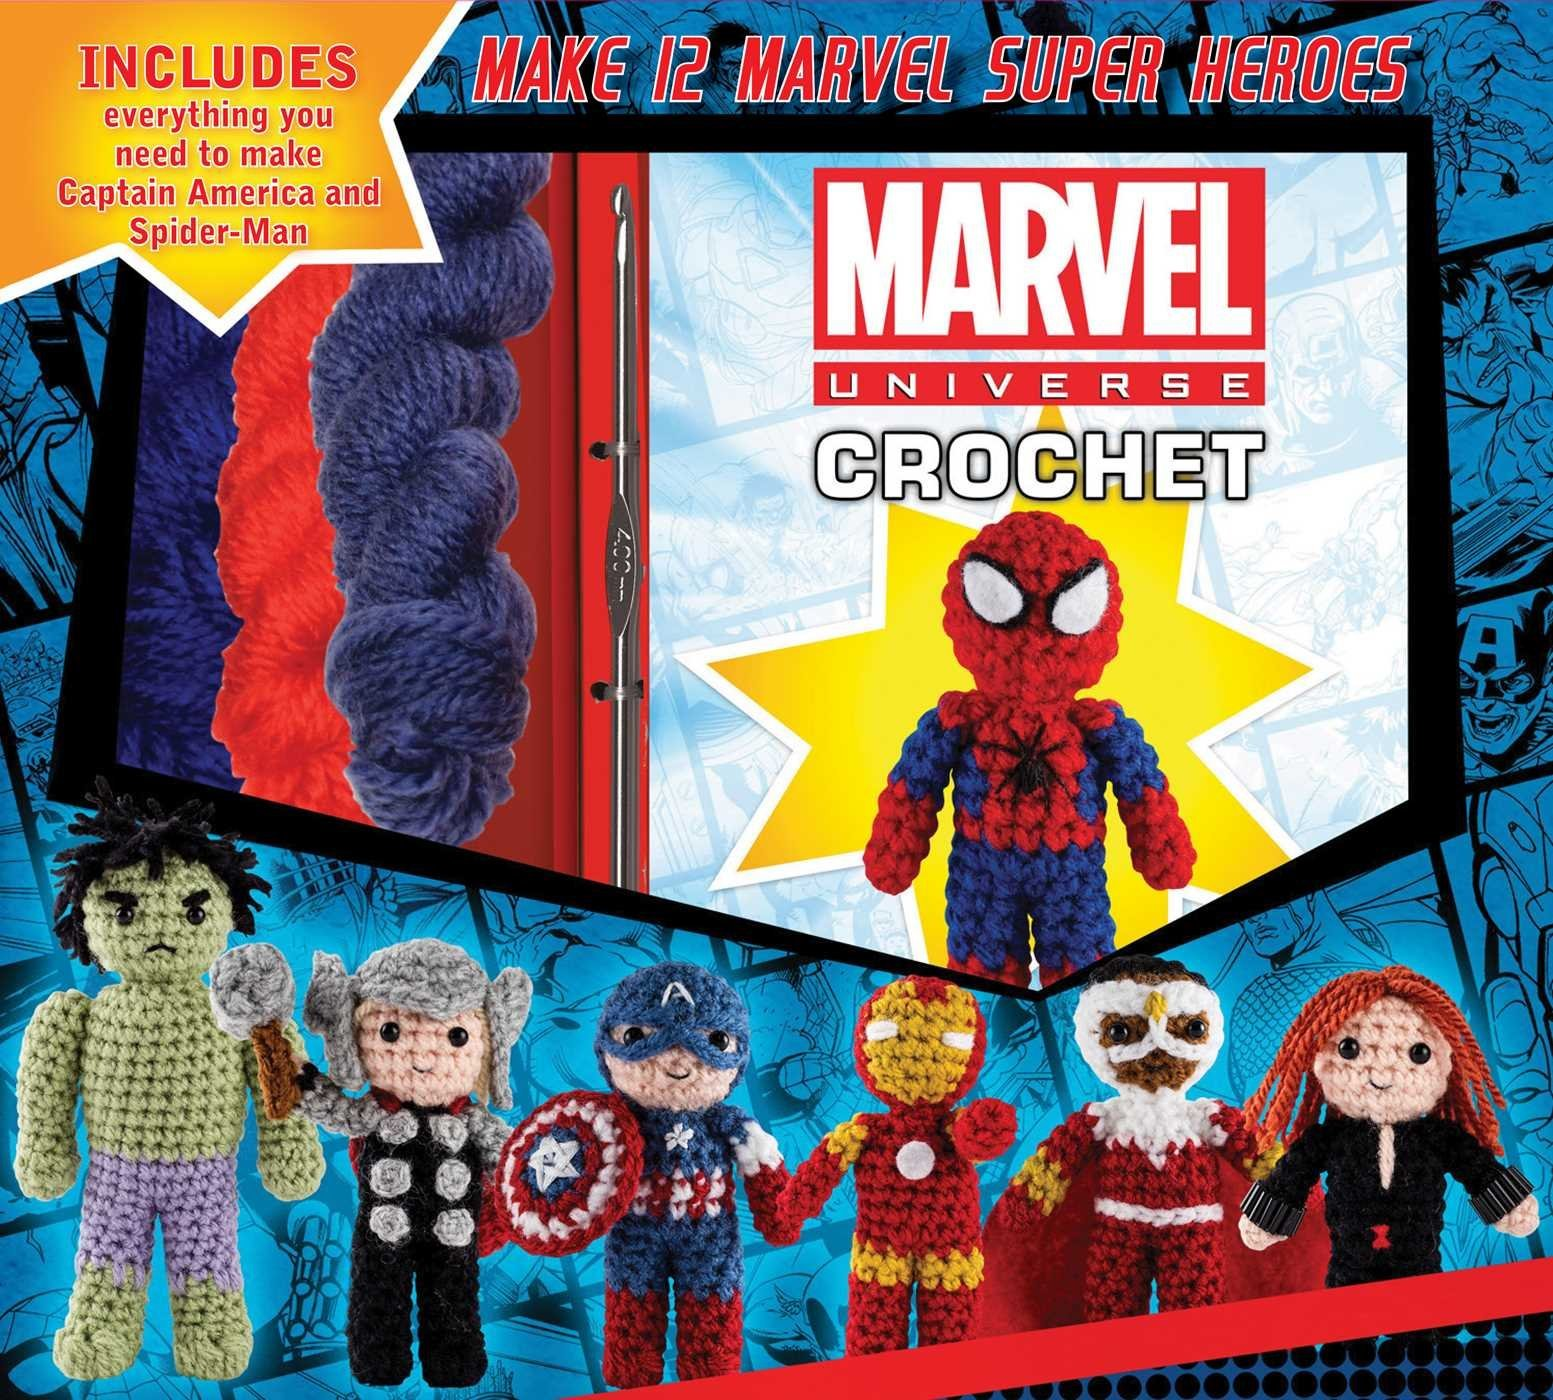 Marvel Universe Crochet Kit